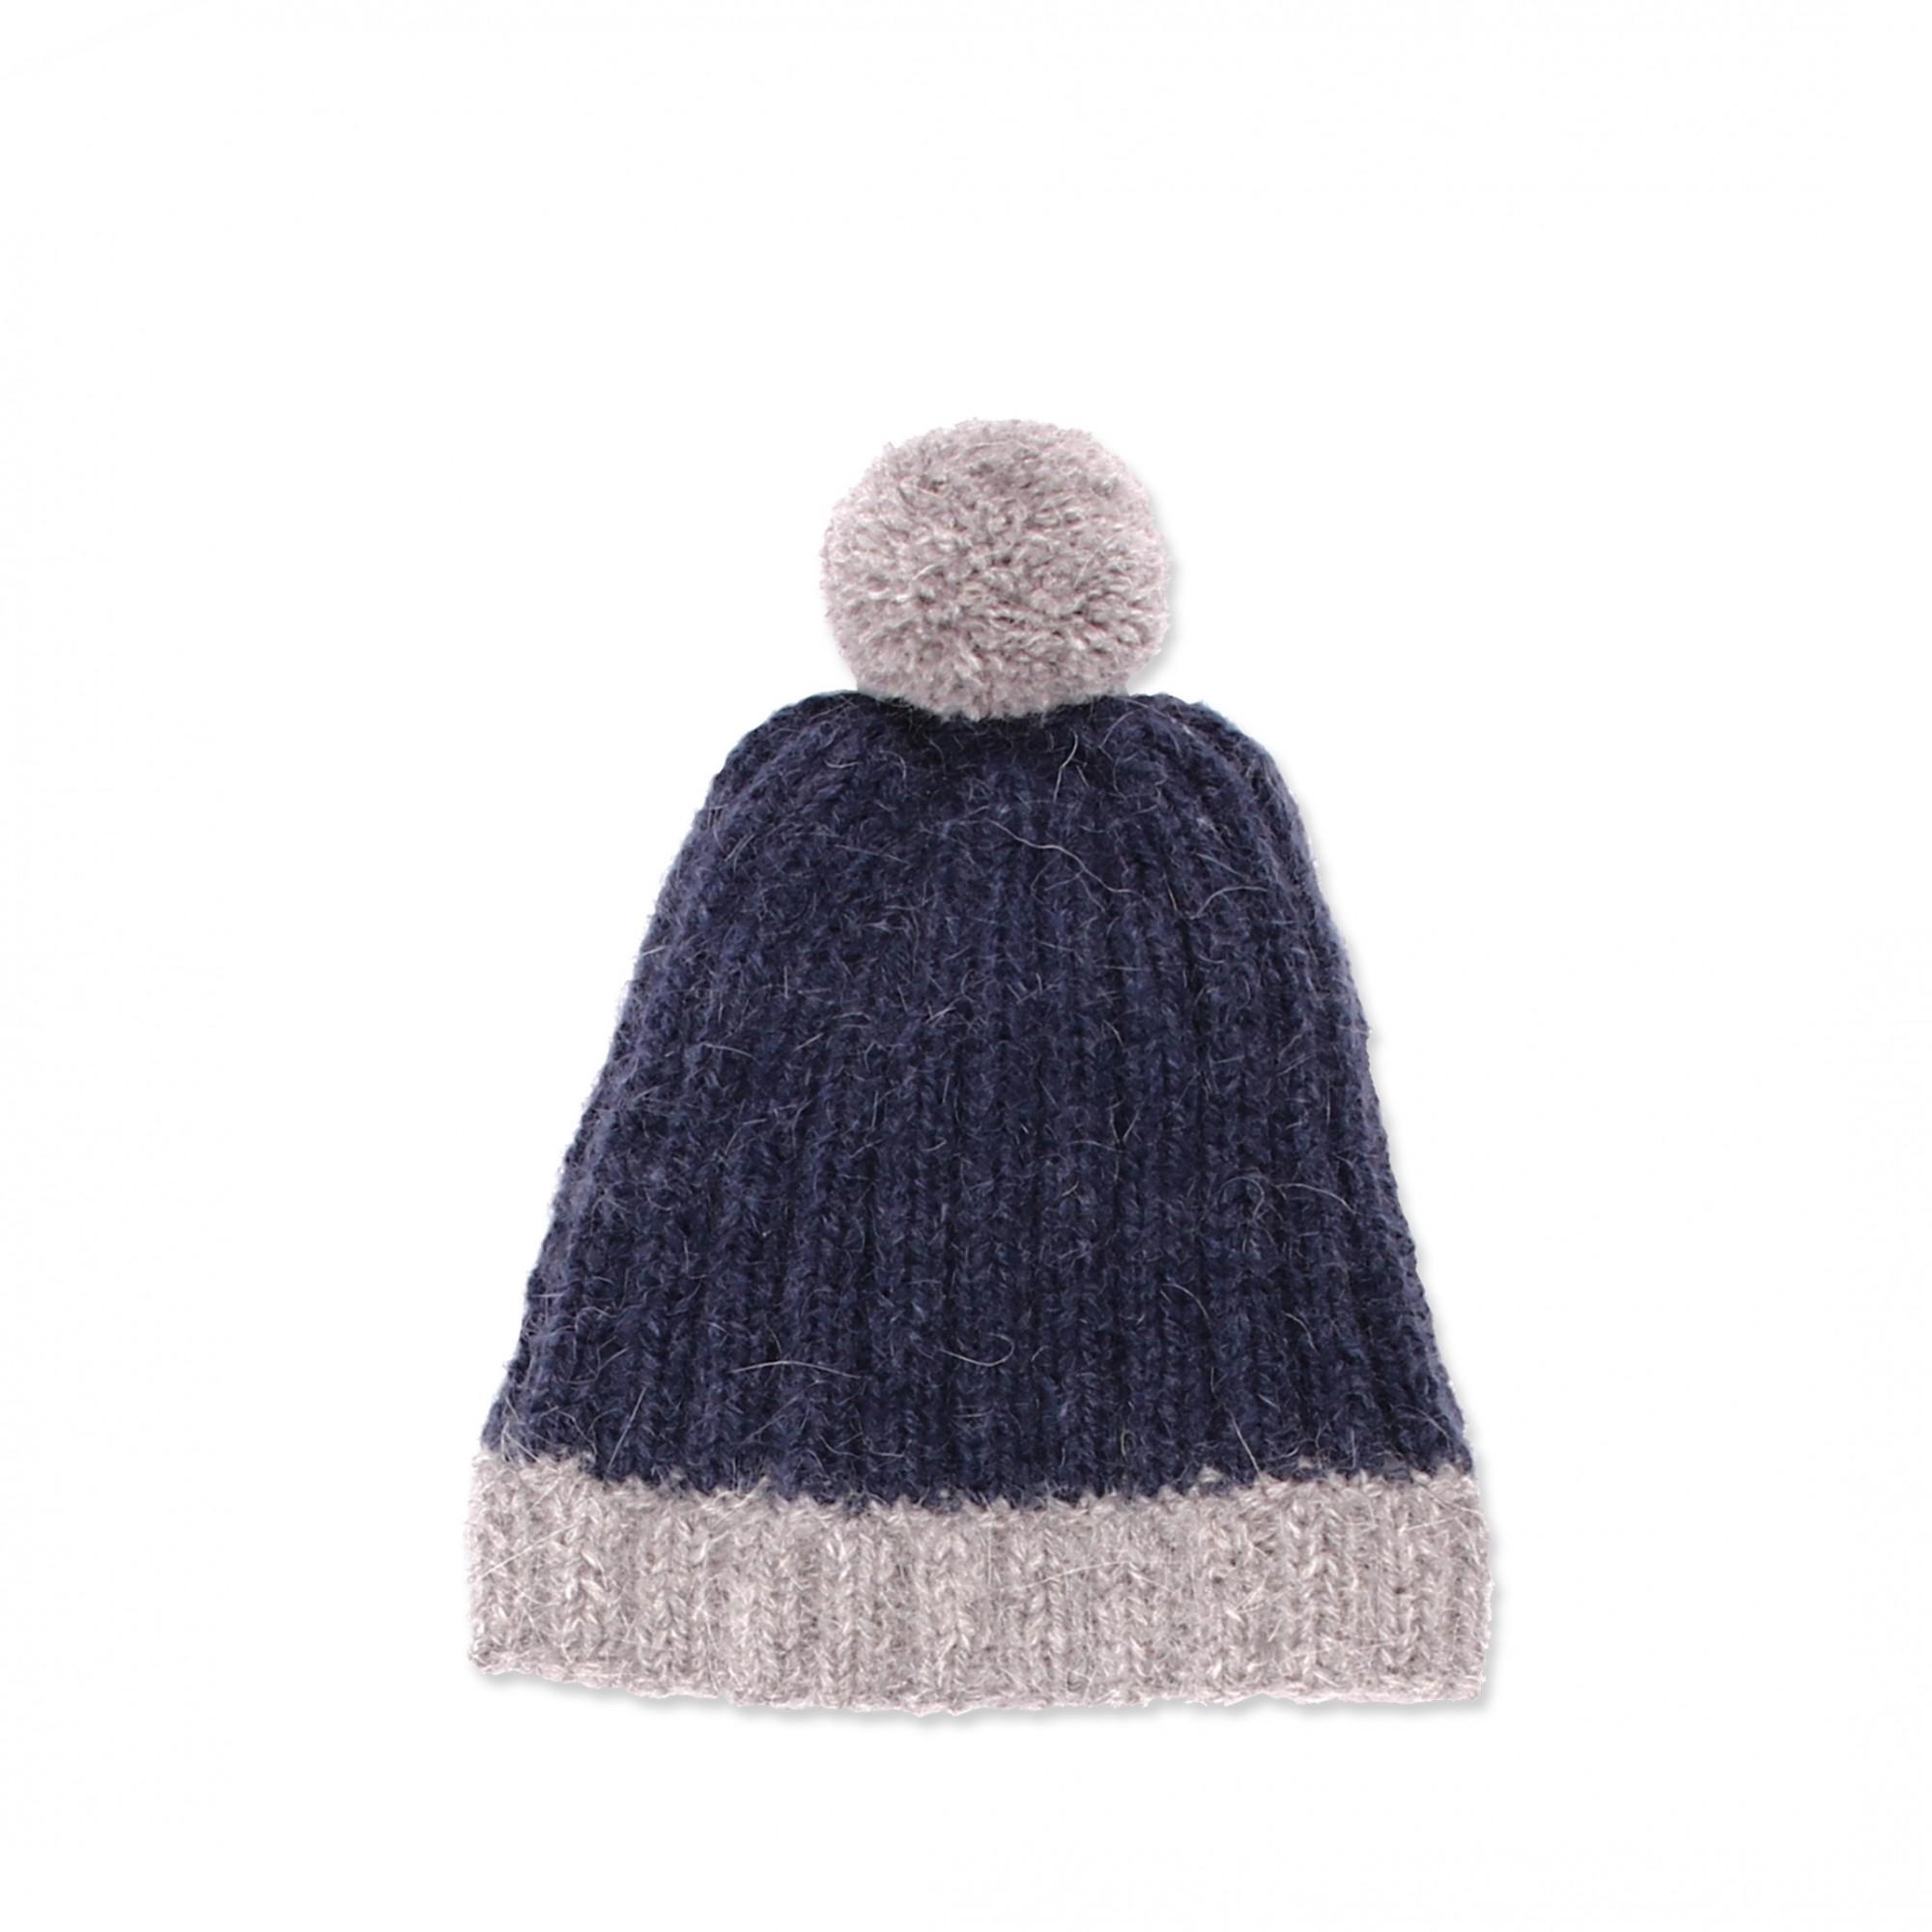 Les tricots de mamy - Bonnet enfant bicolore bleu marine et gris ... aff676aa56b